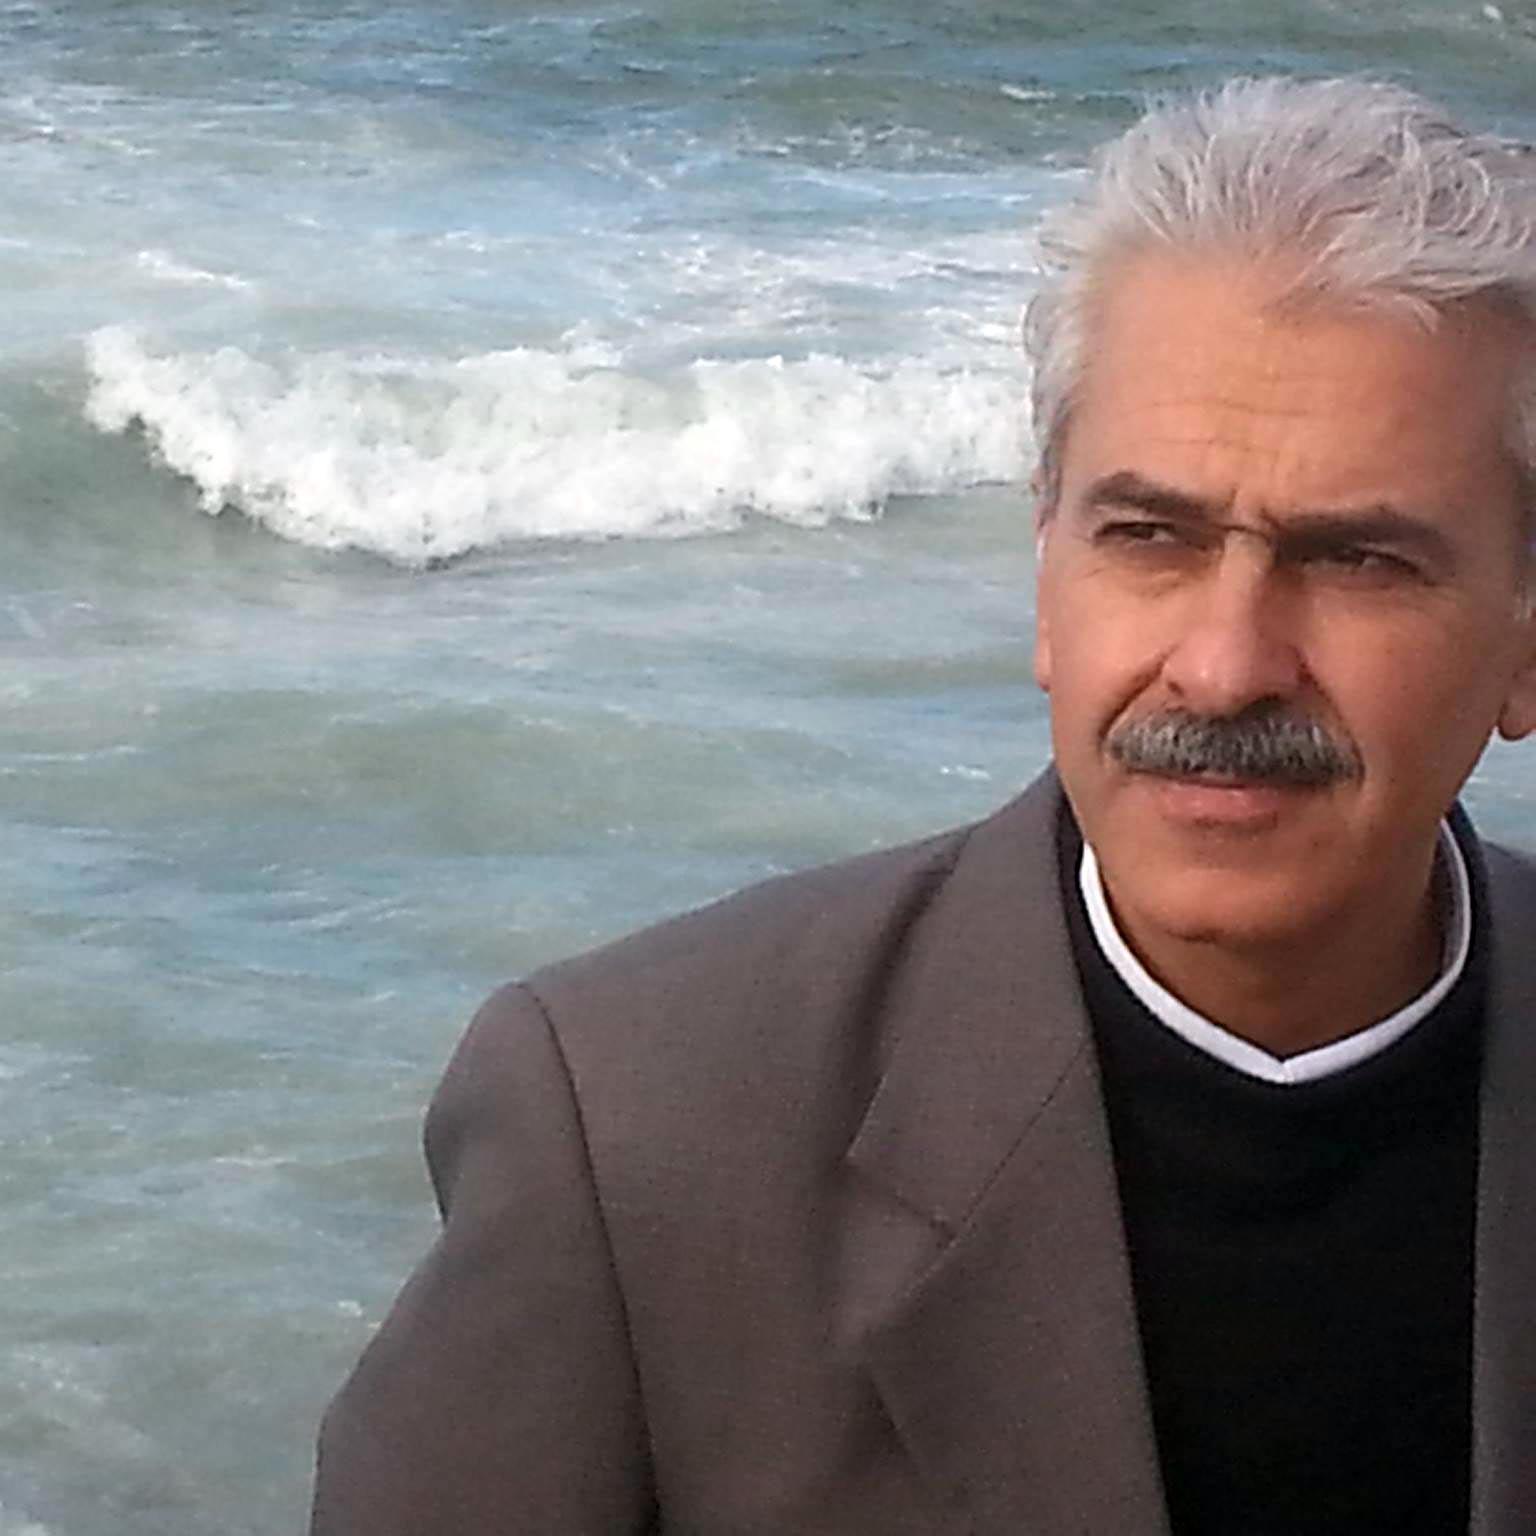 Maher Lakmoush